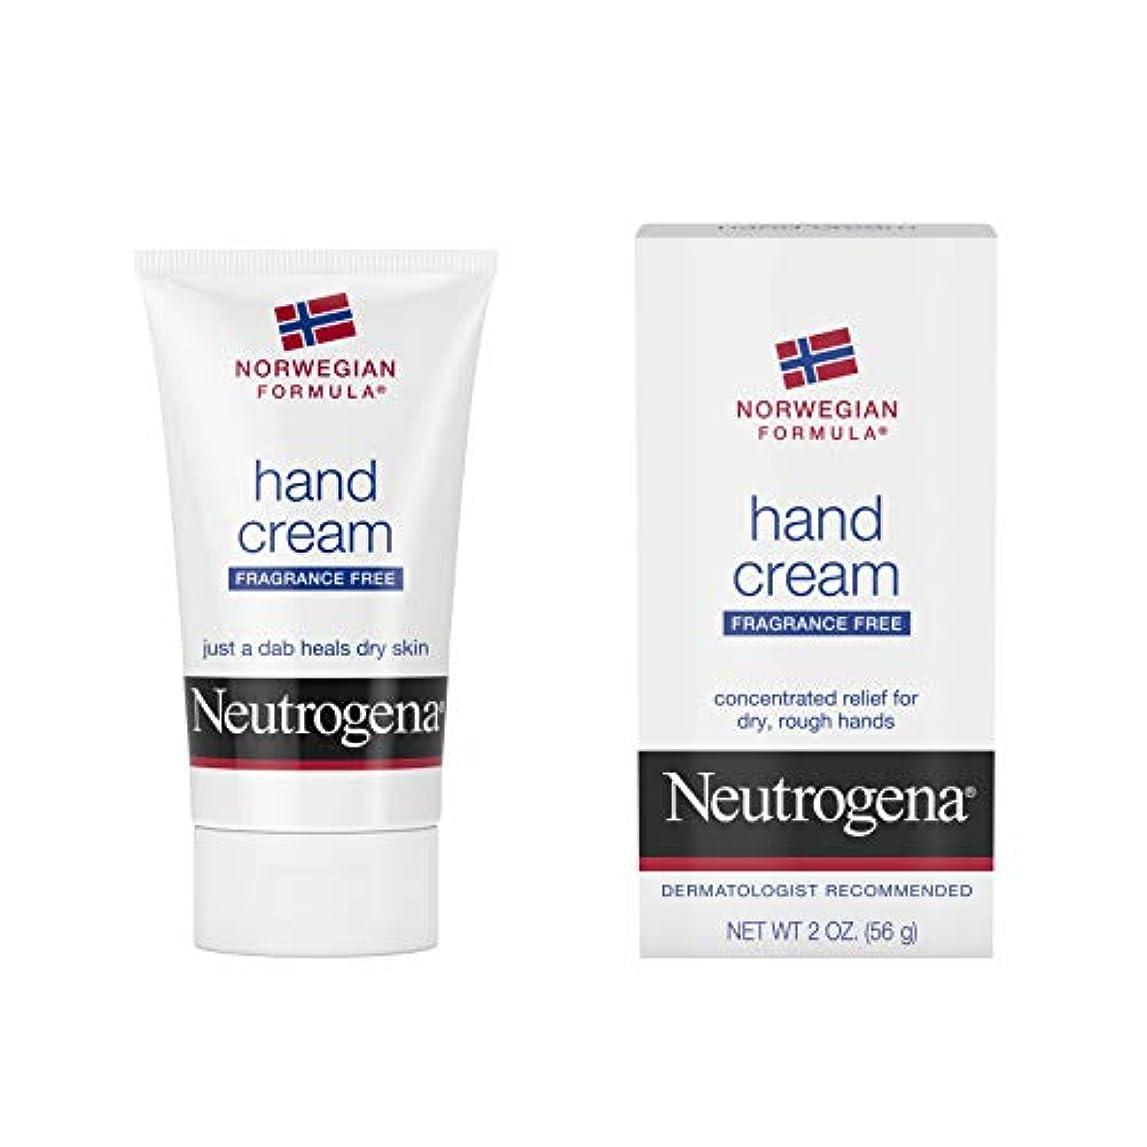 平和的宗教的なアルコールNeutrogena Norwegian Formula Hand Cream Fragrance-Free 60 ml (並行輸入品)